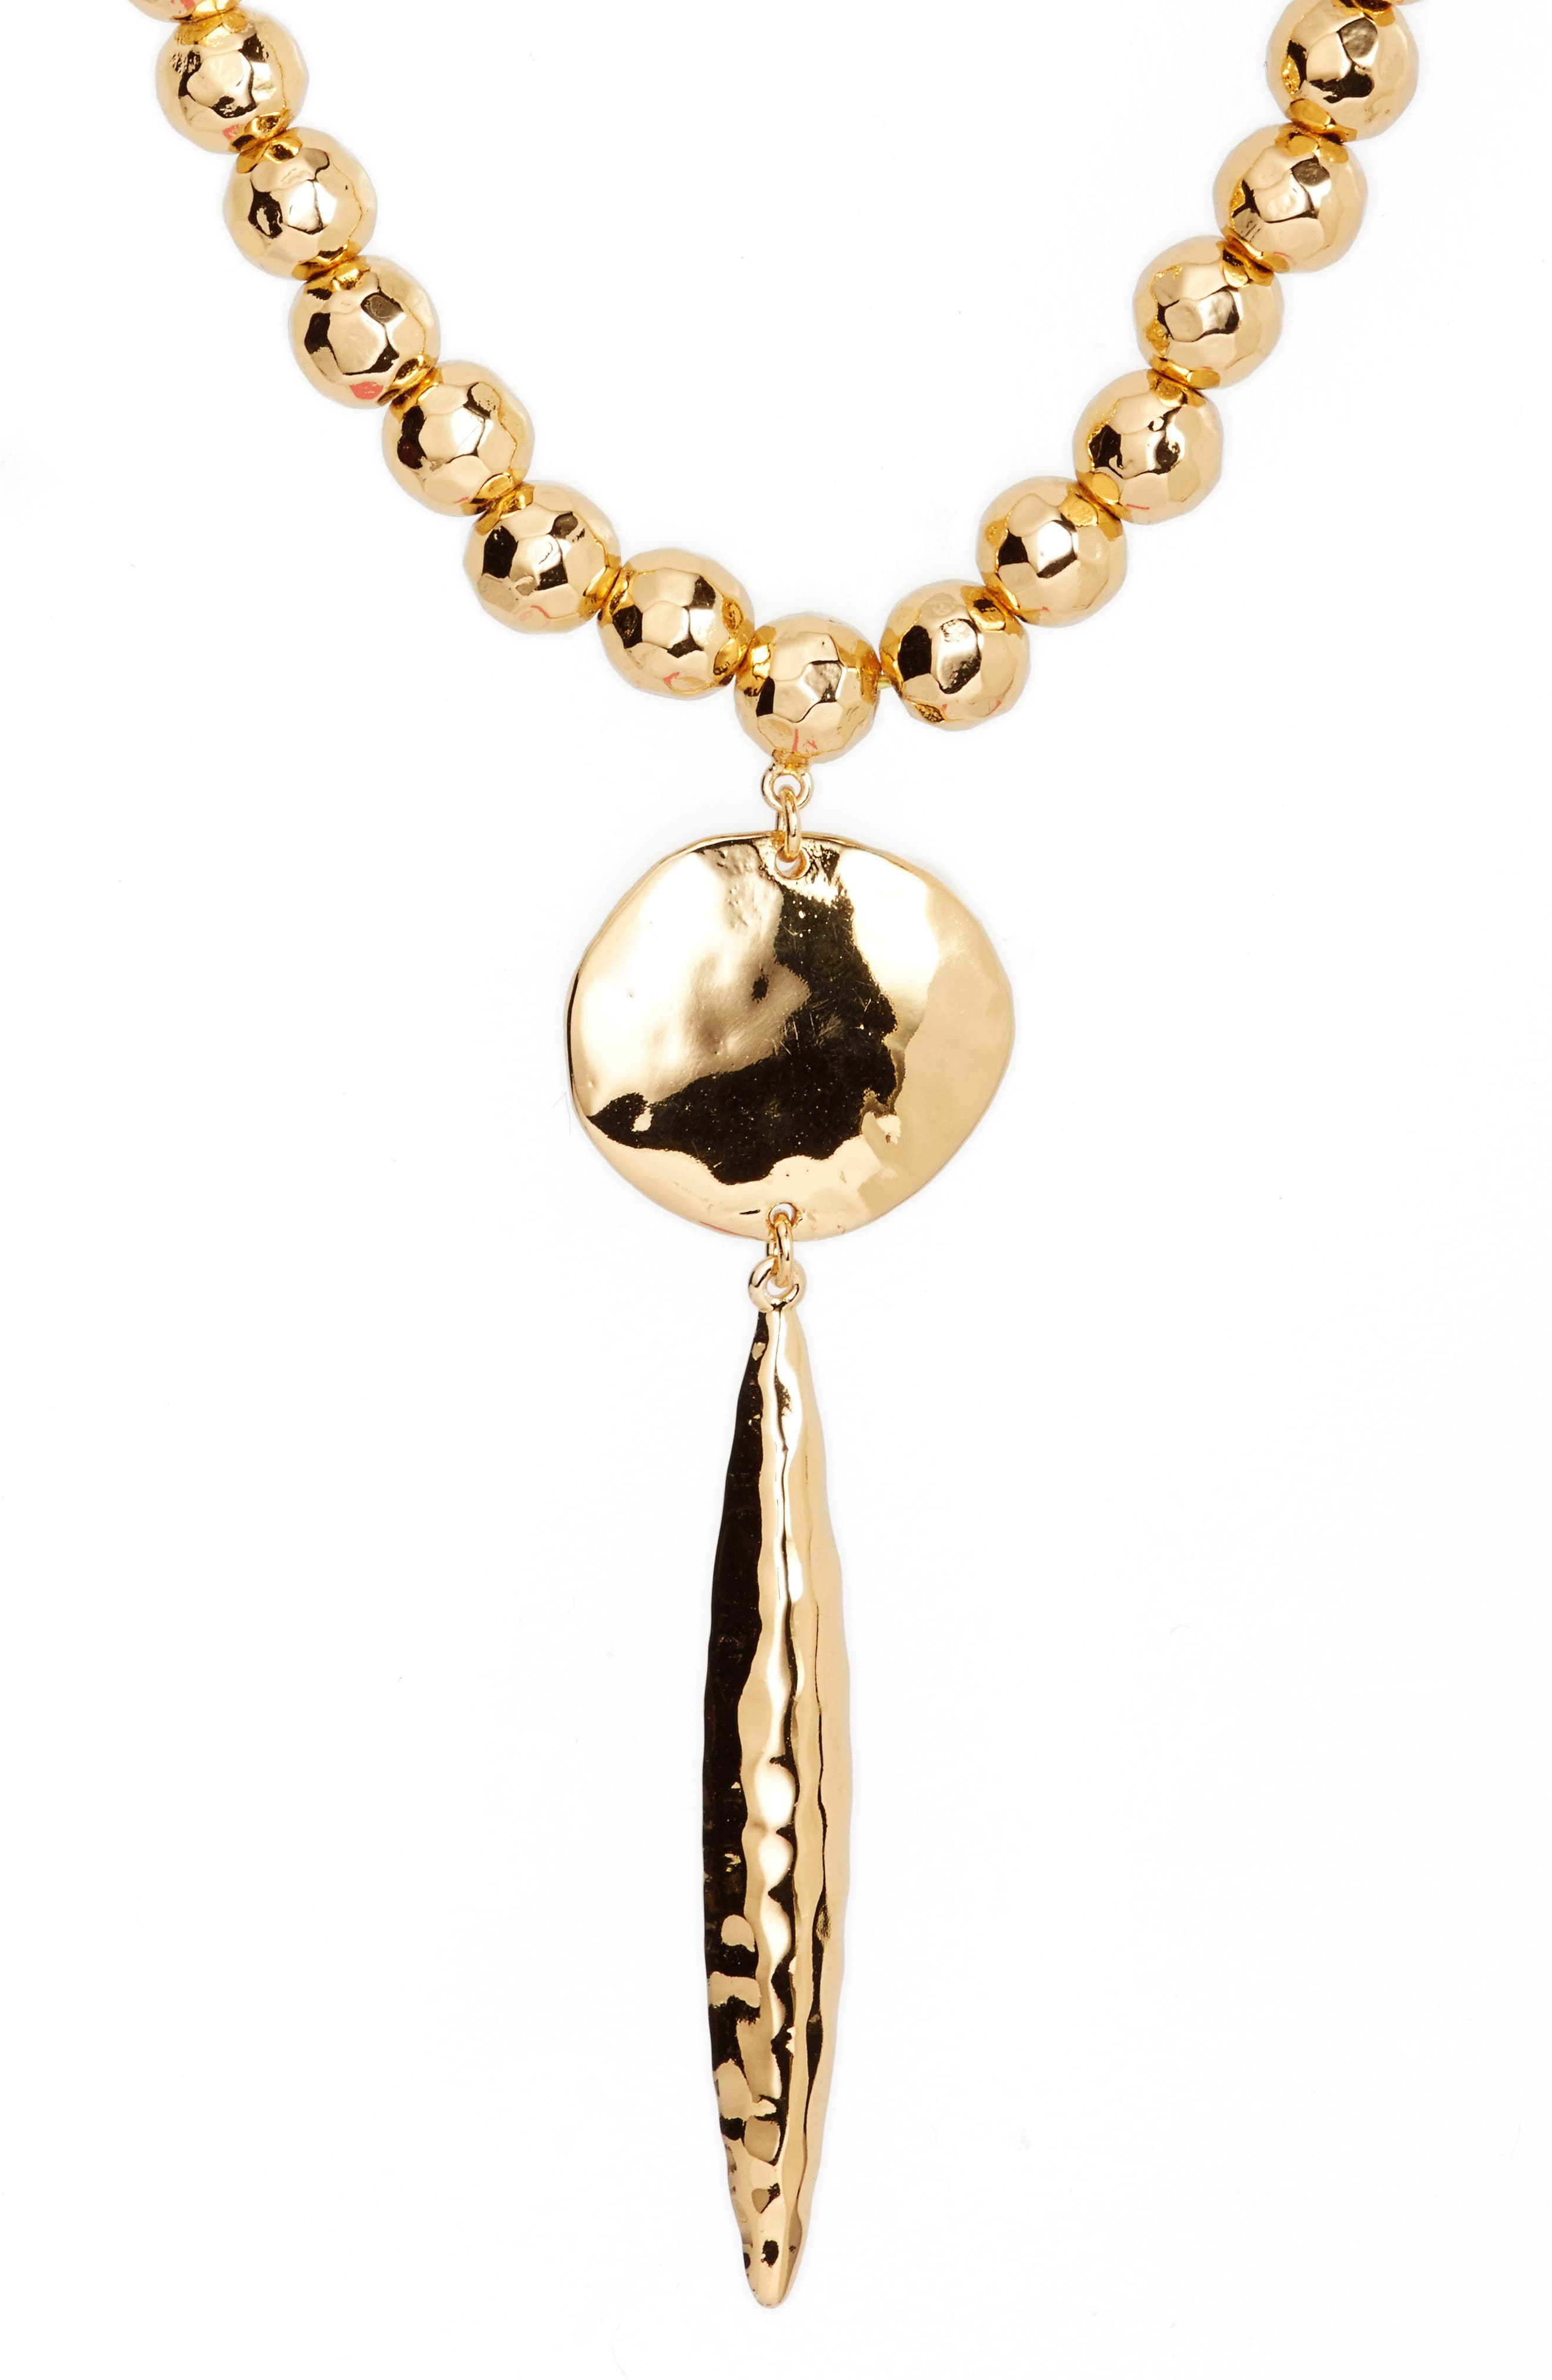 Main Image - gorjana Gypset Adjustable Pendant Necklace